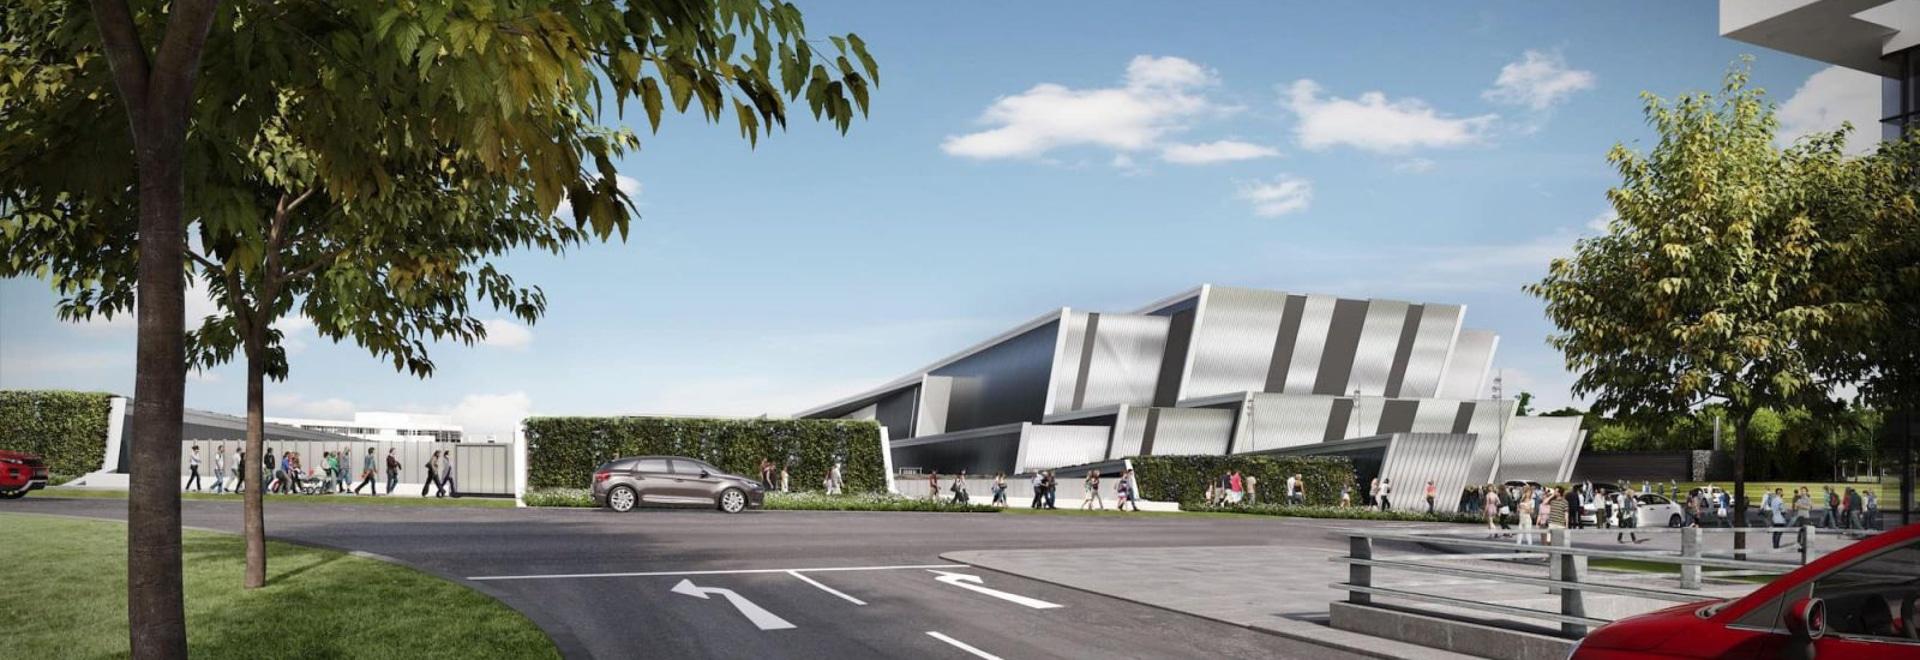 Entrepreneur désigné pour construire l'usine anaérobie de 80 000 TPA à Aberdeen